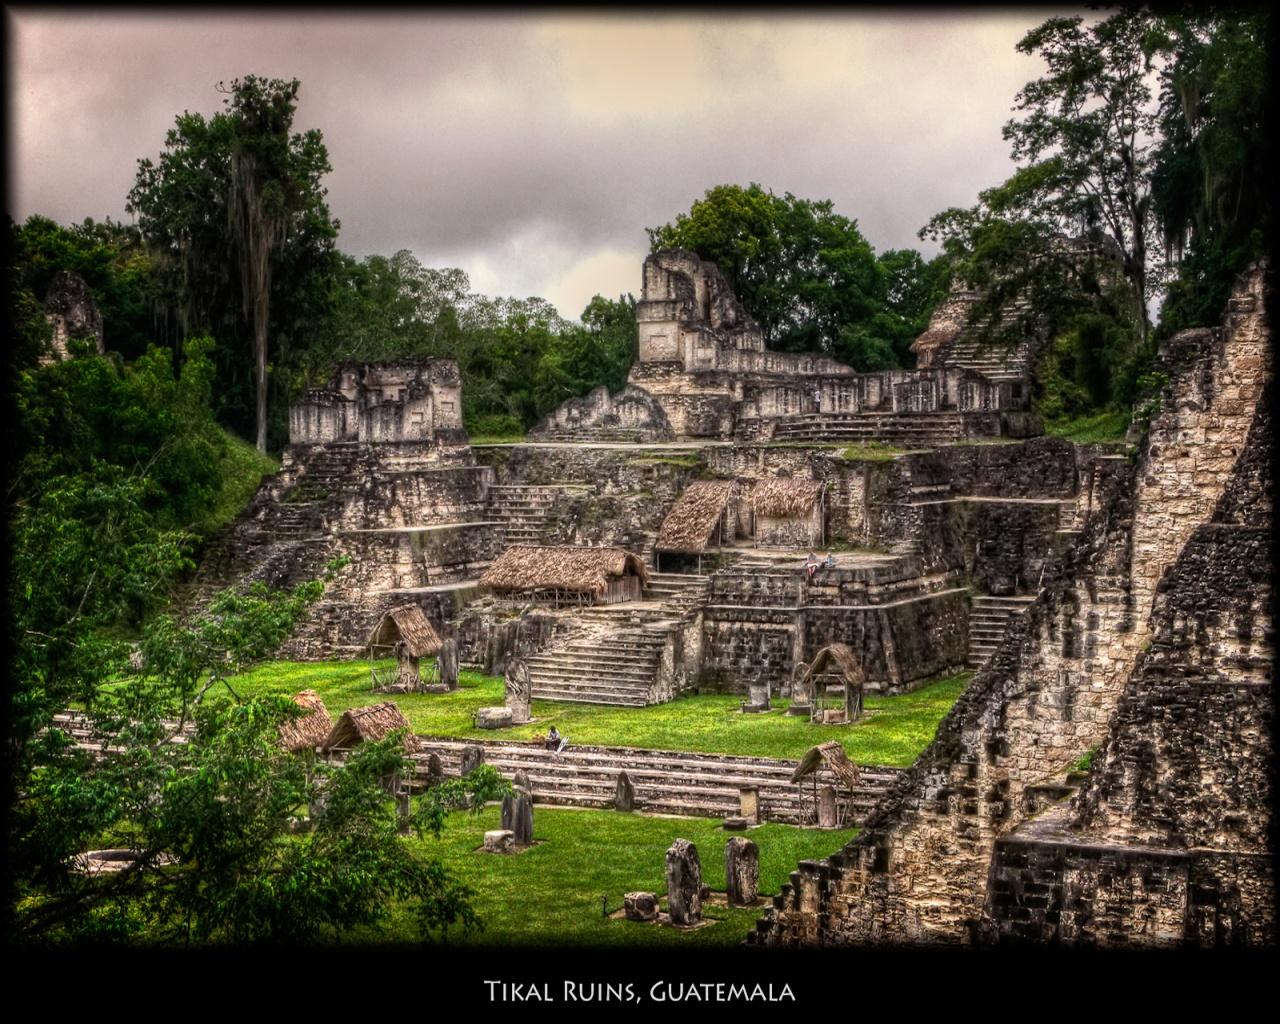 guatemala wallpapers wallpapersafari - photo #13